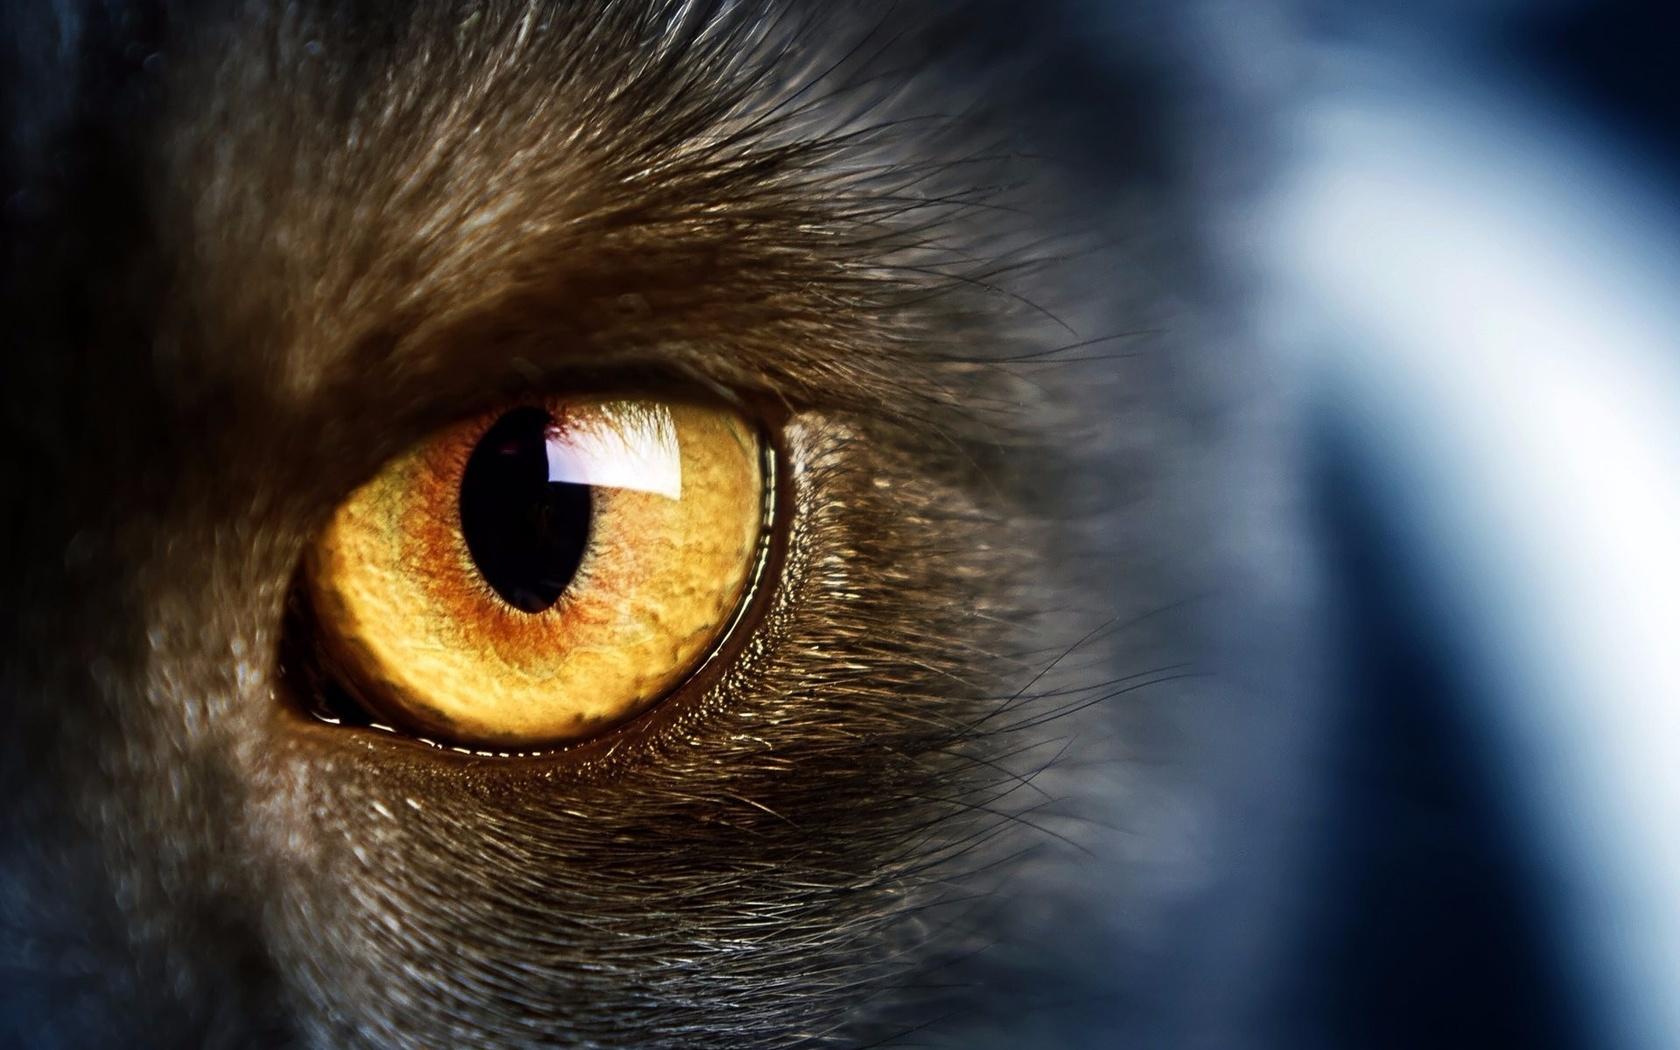 живая картинка глаз кошки нас надежная охрана